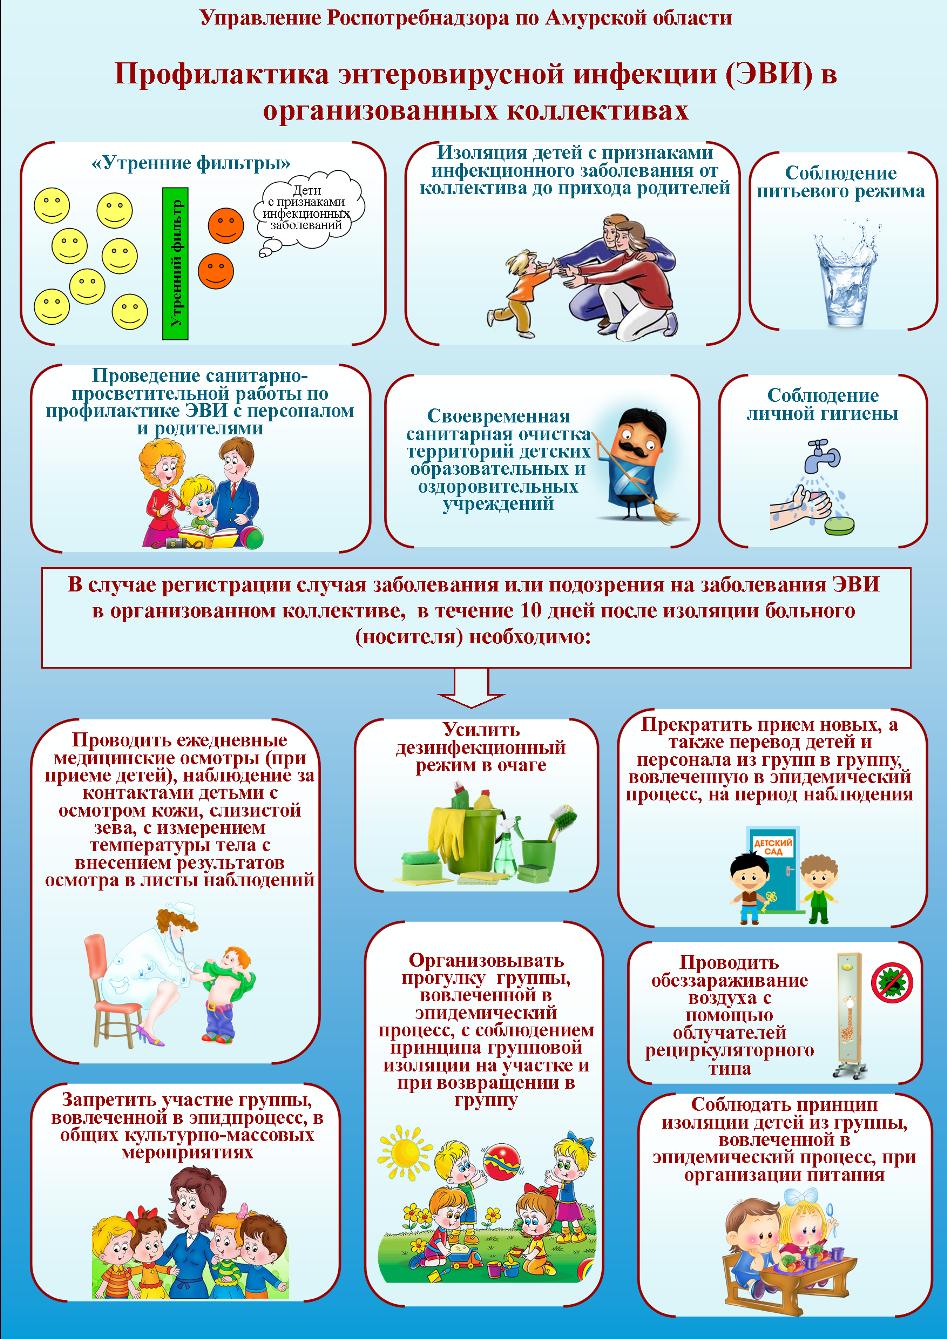 Лекарства при энтеровирусной инфекции ребенку. лечение энтеровирусной инфекции у детей